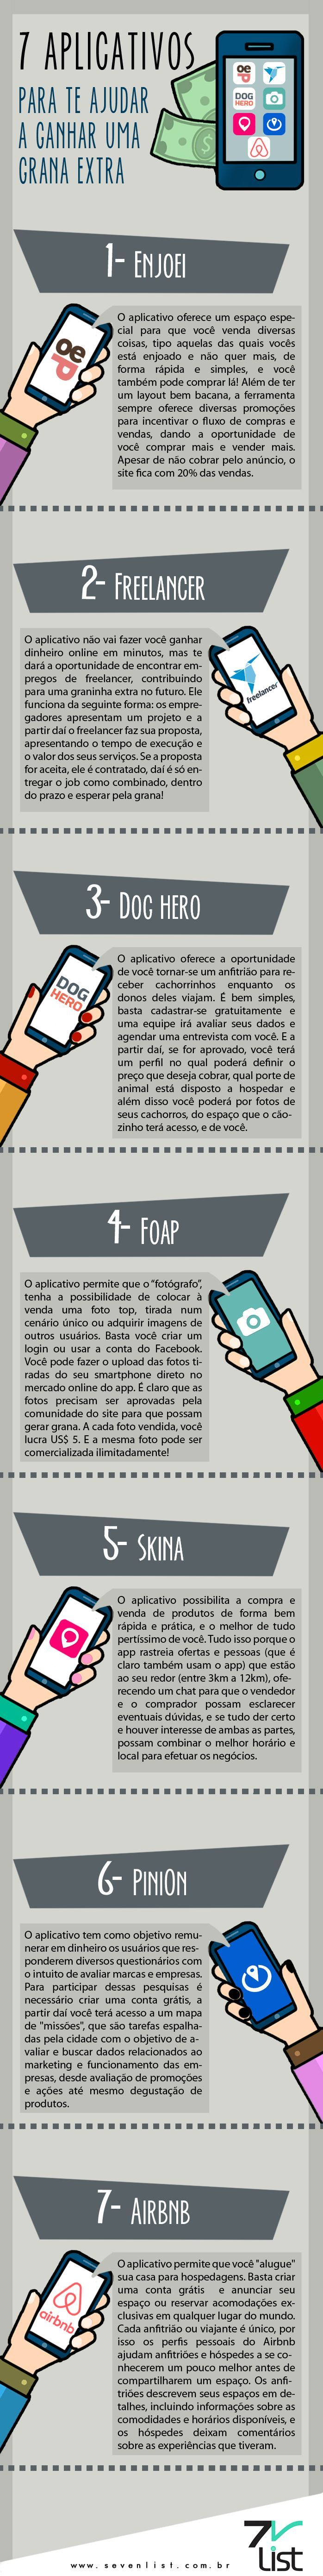 7 aplicativos para te ajudar a ganhar uma grana extra